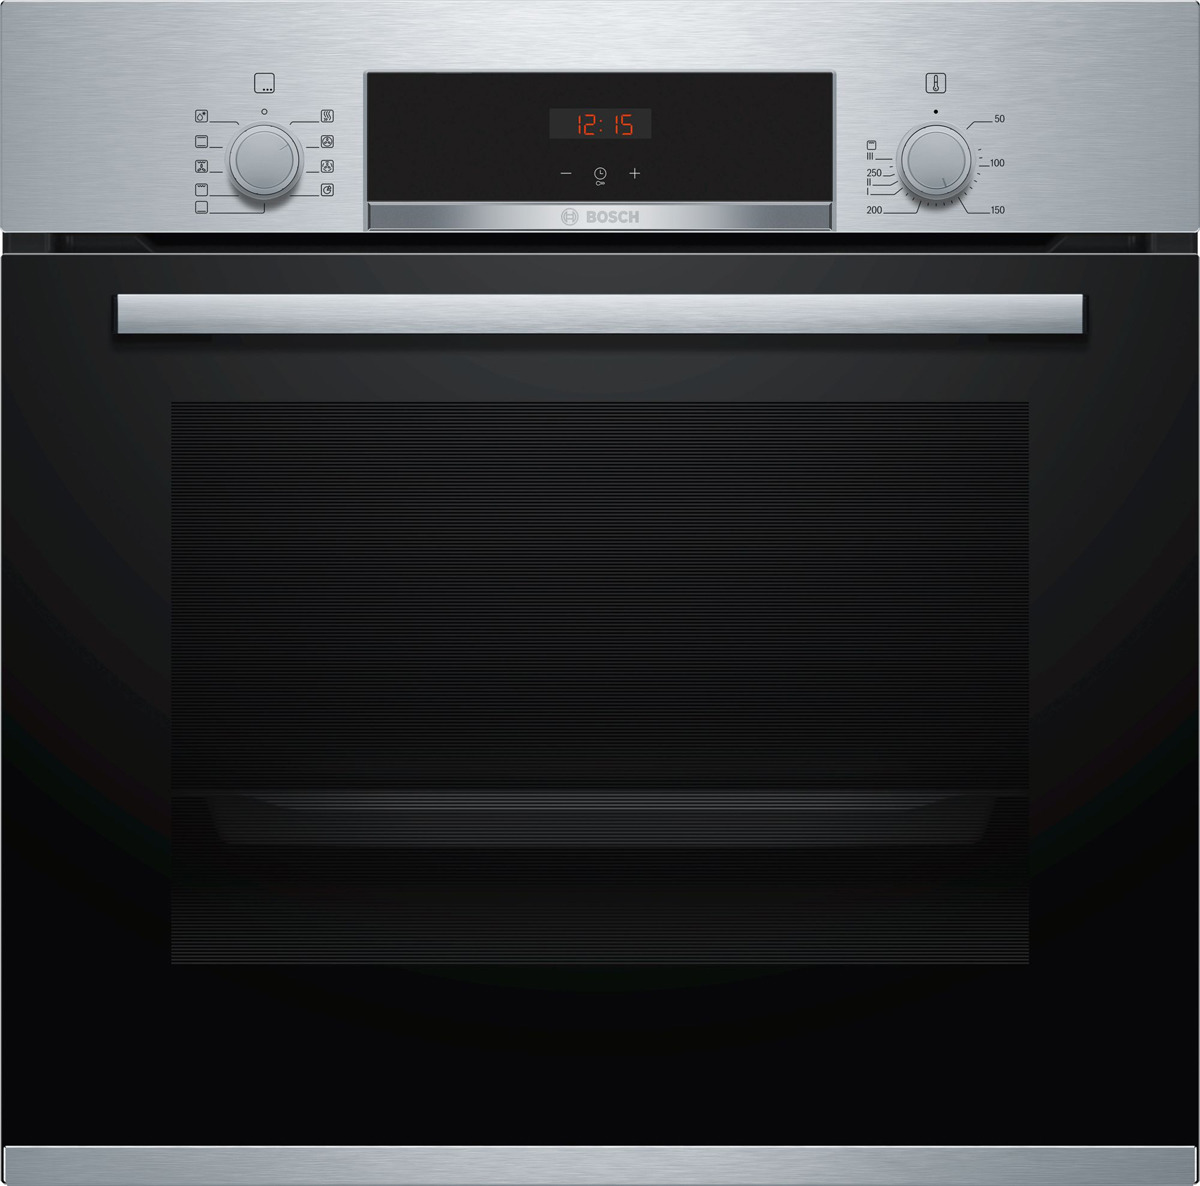 Духовой шкаф электрический встраиваемый Bosch Serie 4 HBF534ES0R все цены